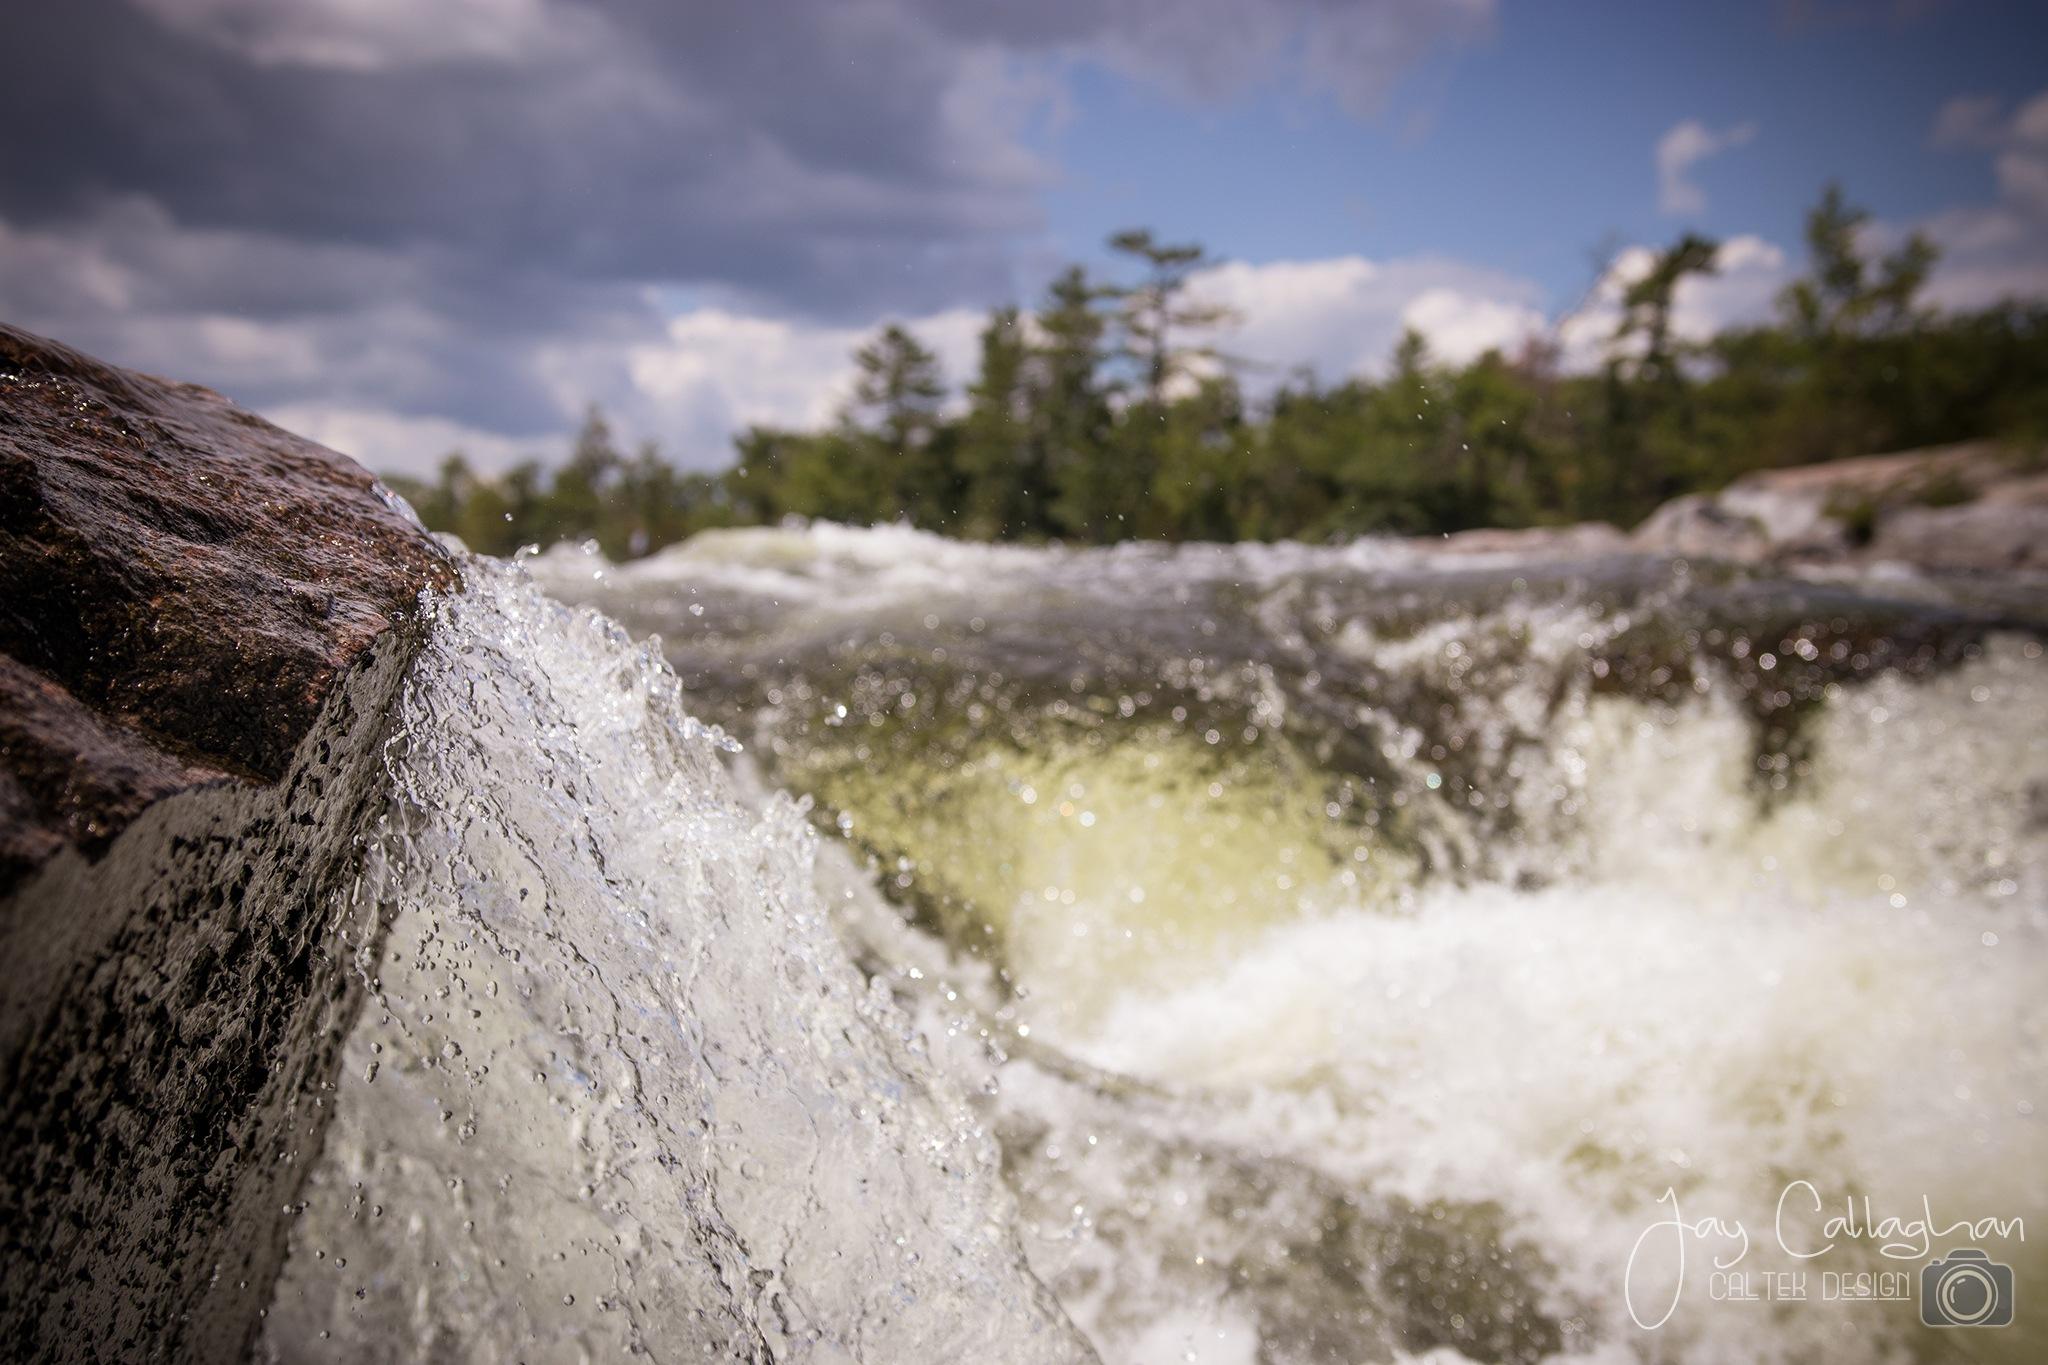 Burleigh Falls by Jay Callaghan